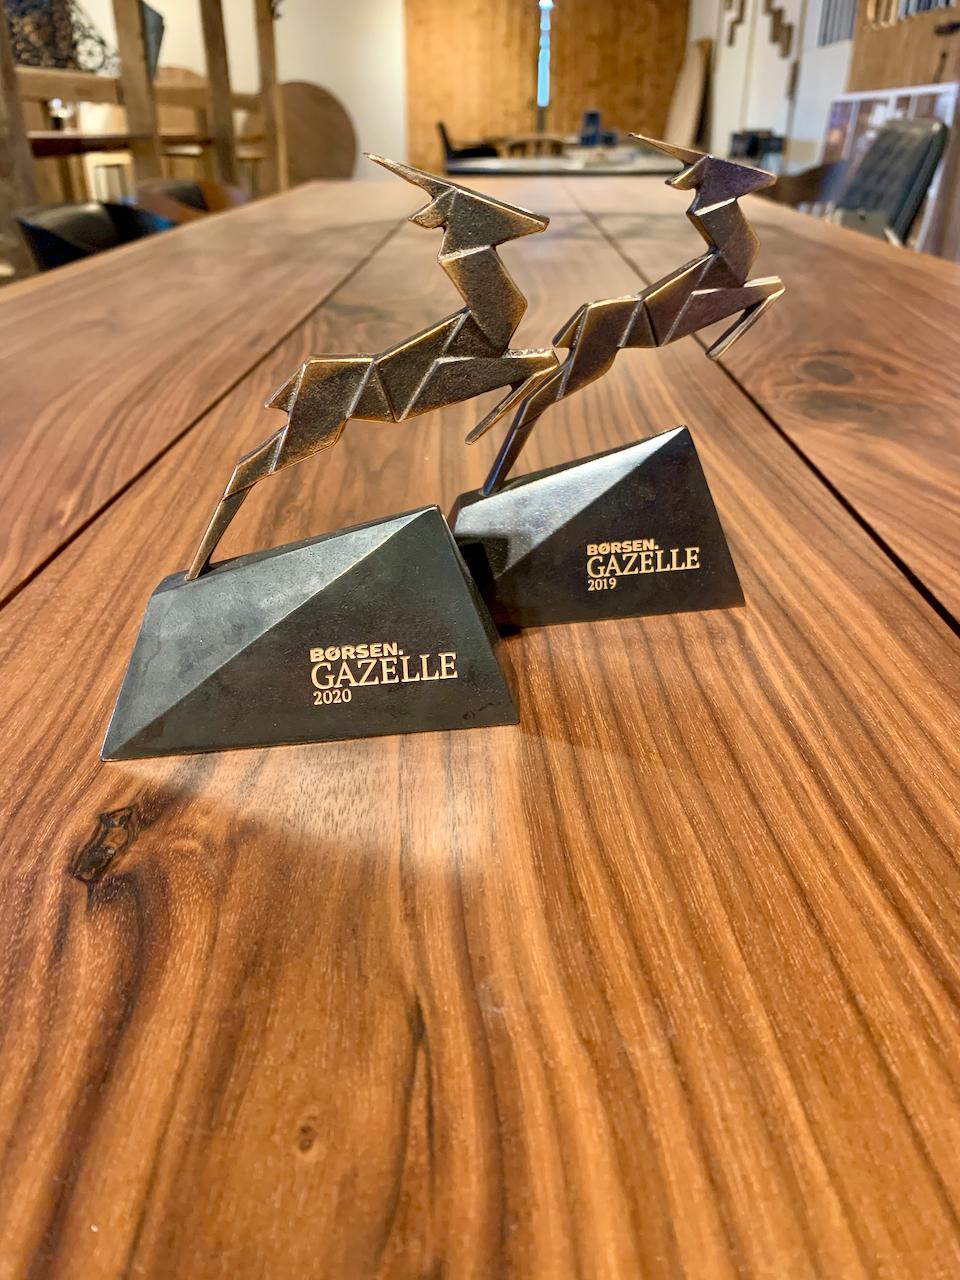 gazelle2019 redigeret 1 1 - kaerbygaard plankebord KÆRBYGÅRD 2020 snedkeri - træbord_ Egetræ - valnød elmetræ